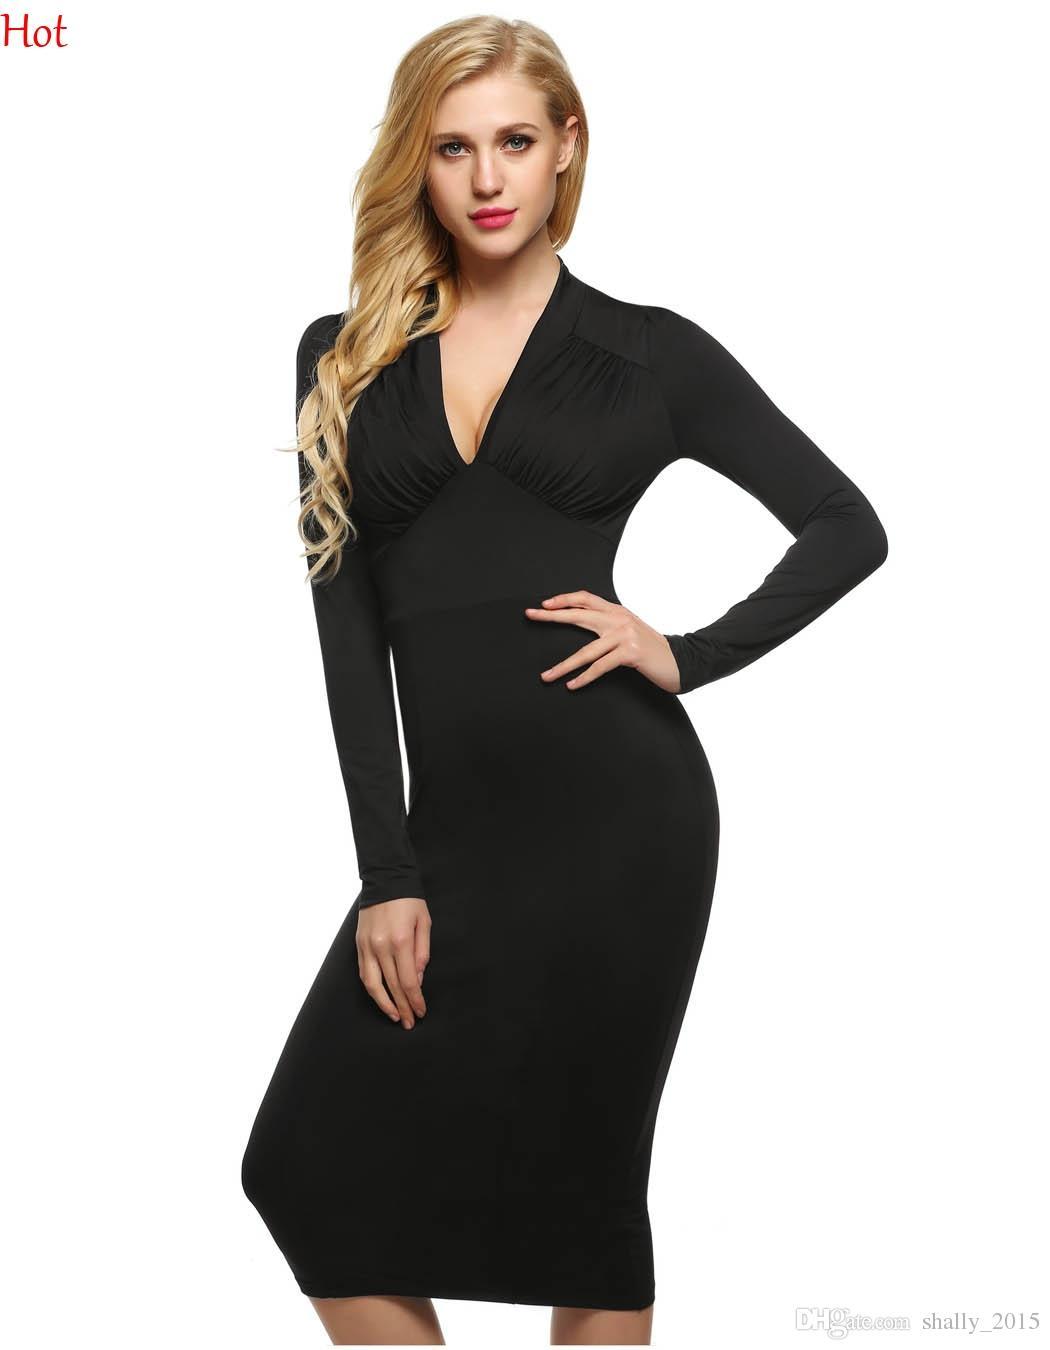 d10c011aaf43 Acquista Donne Sexy Abiti Da Donna Manica Lunga Con Scollo A V Vita Alta  Polpaccio Vestito Aderente Plus Size Abito Da Sera Partito Abito Slim Fit  YC001342 ...